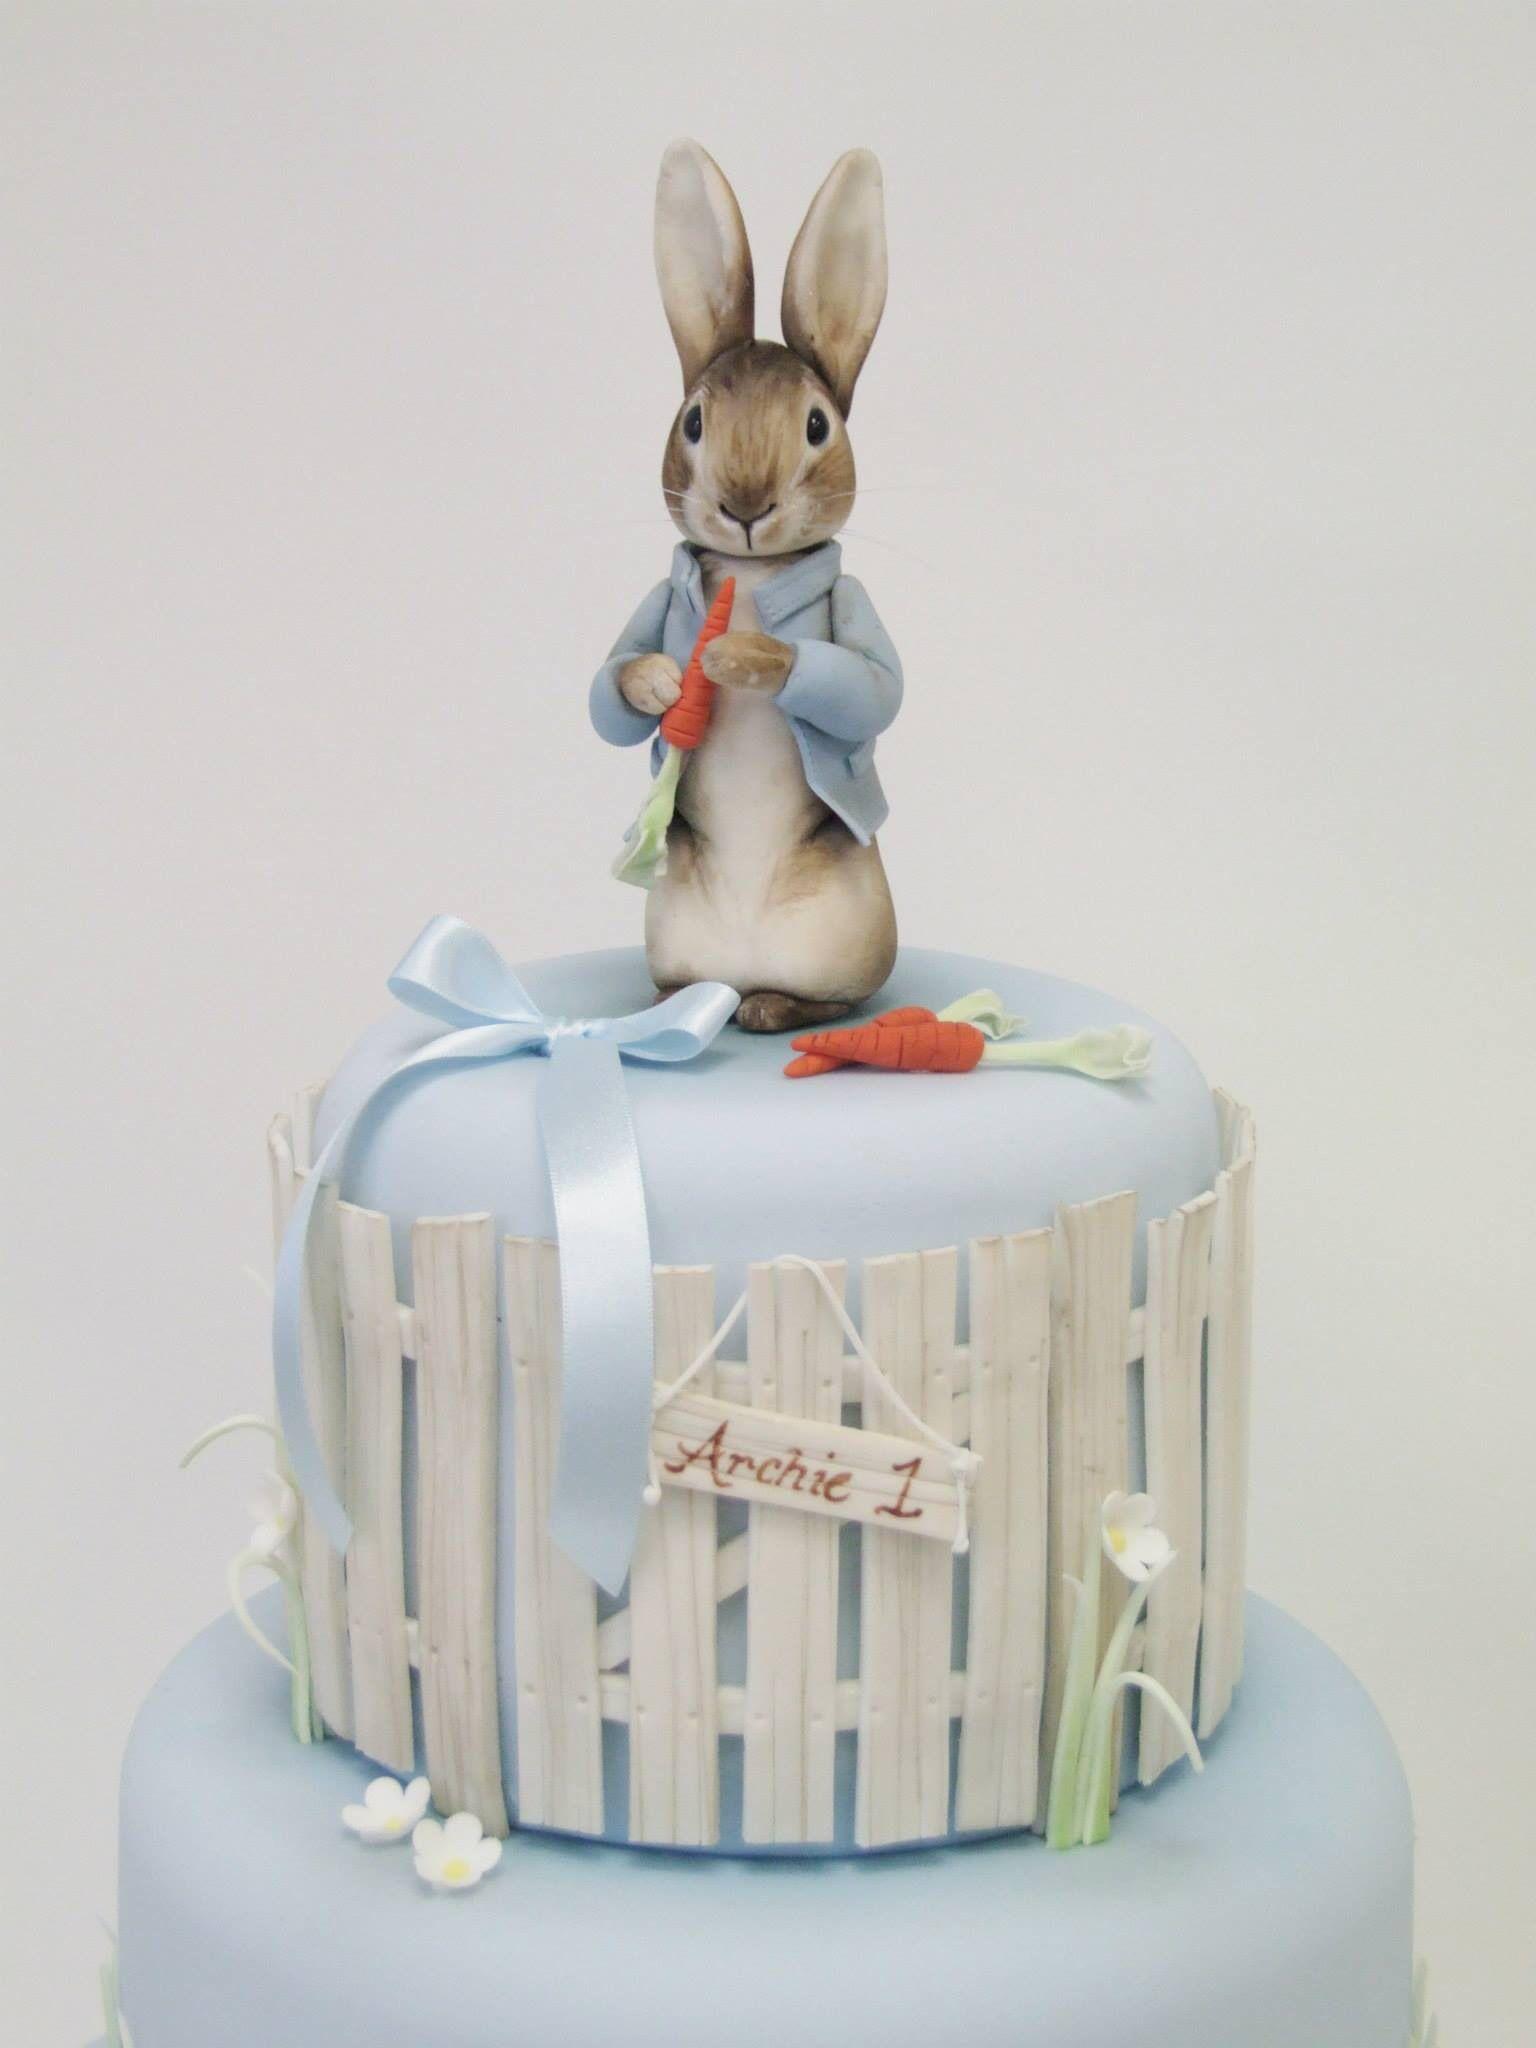 округлой форме фото тортика с зайцем имели подсветку экрана